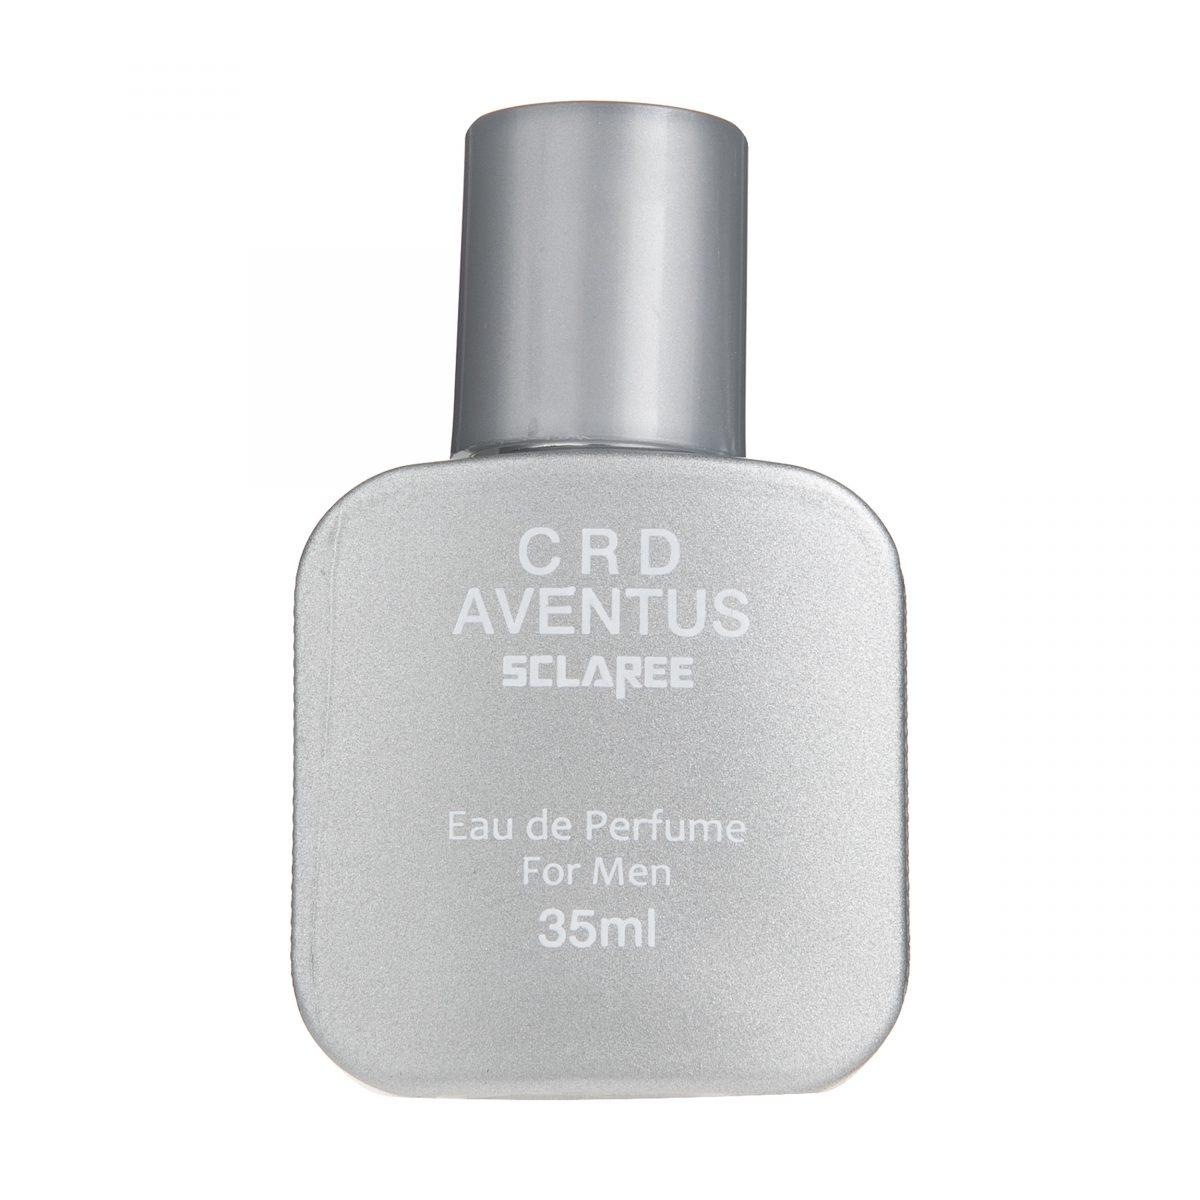 ادوپرفیوم مردانه اسکلاره مدل Crd Aventus حجم 35 میلی لیتر